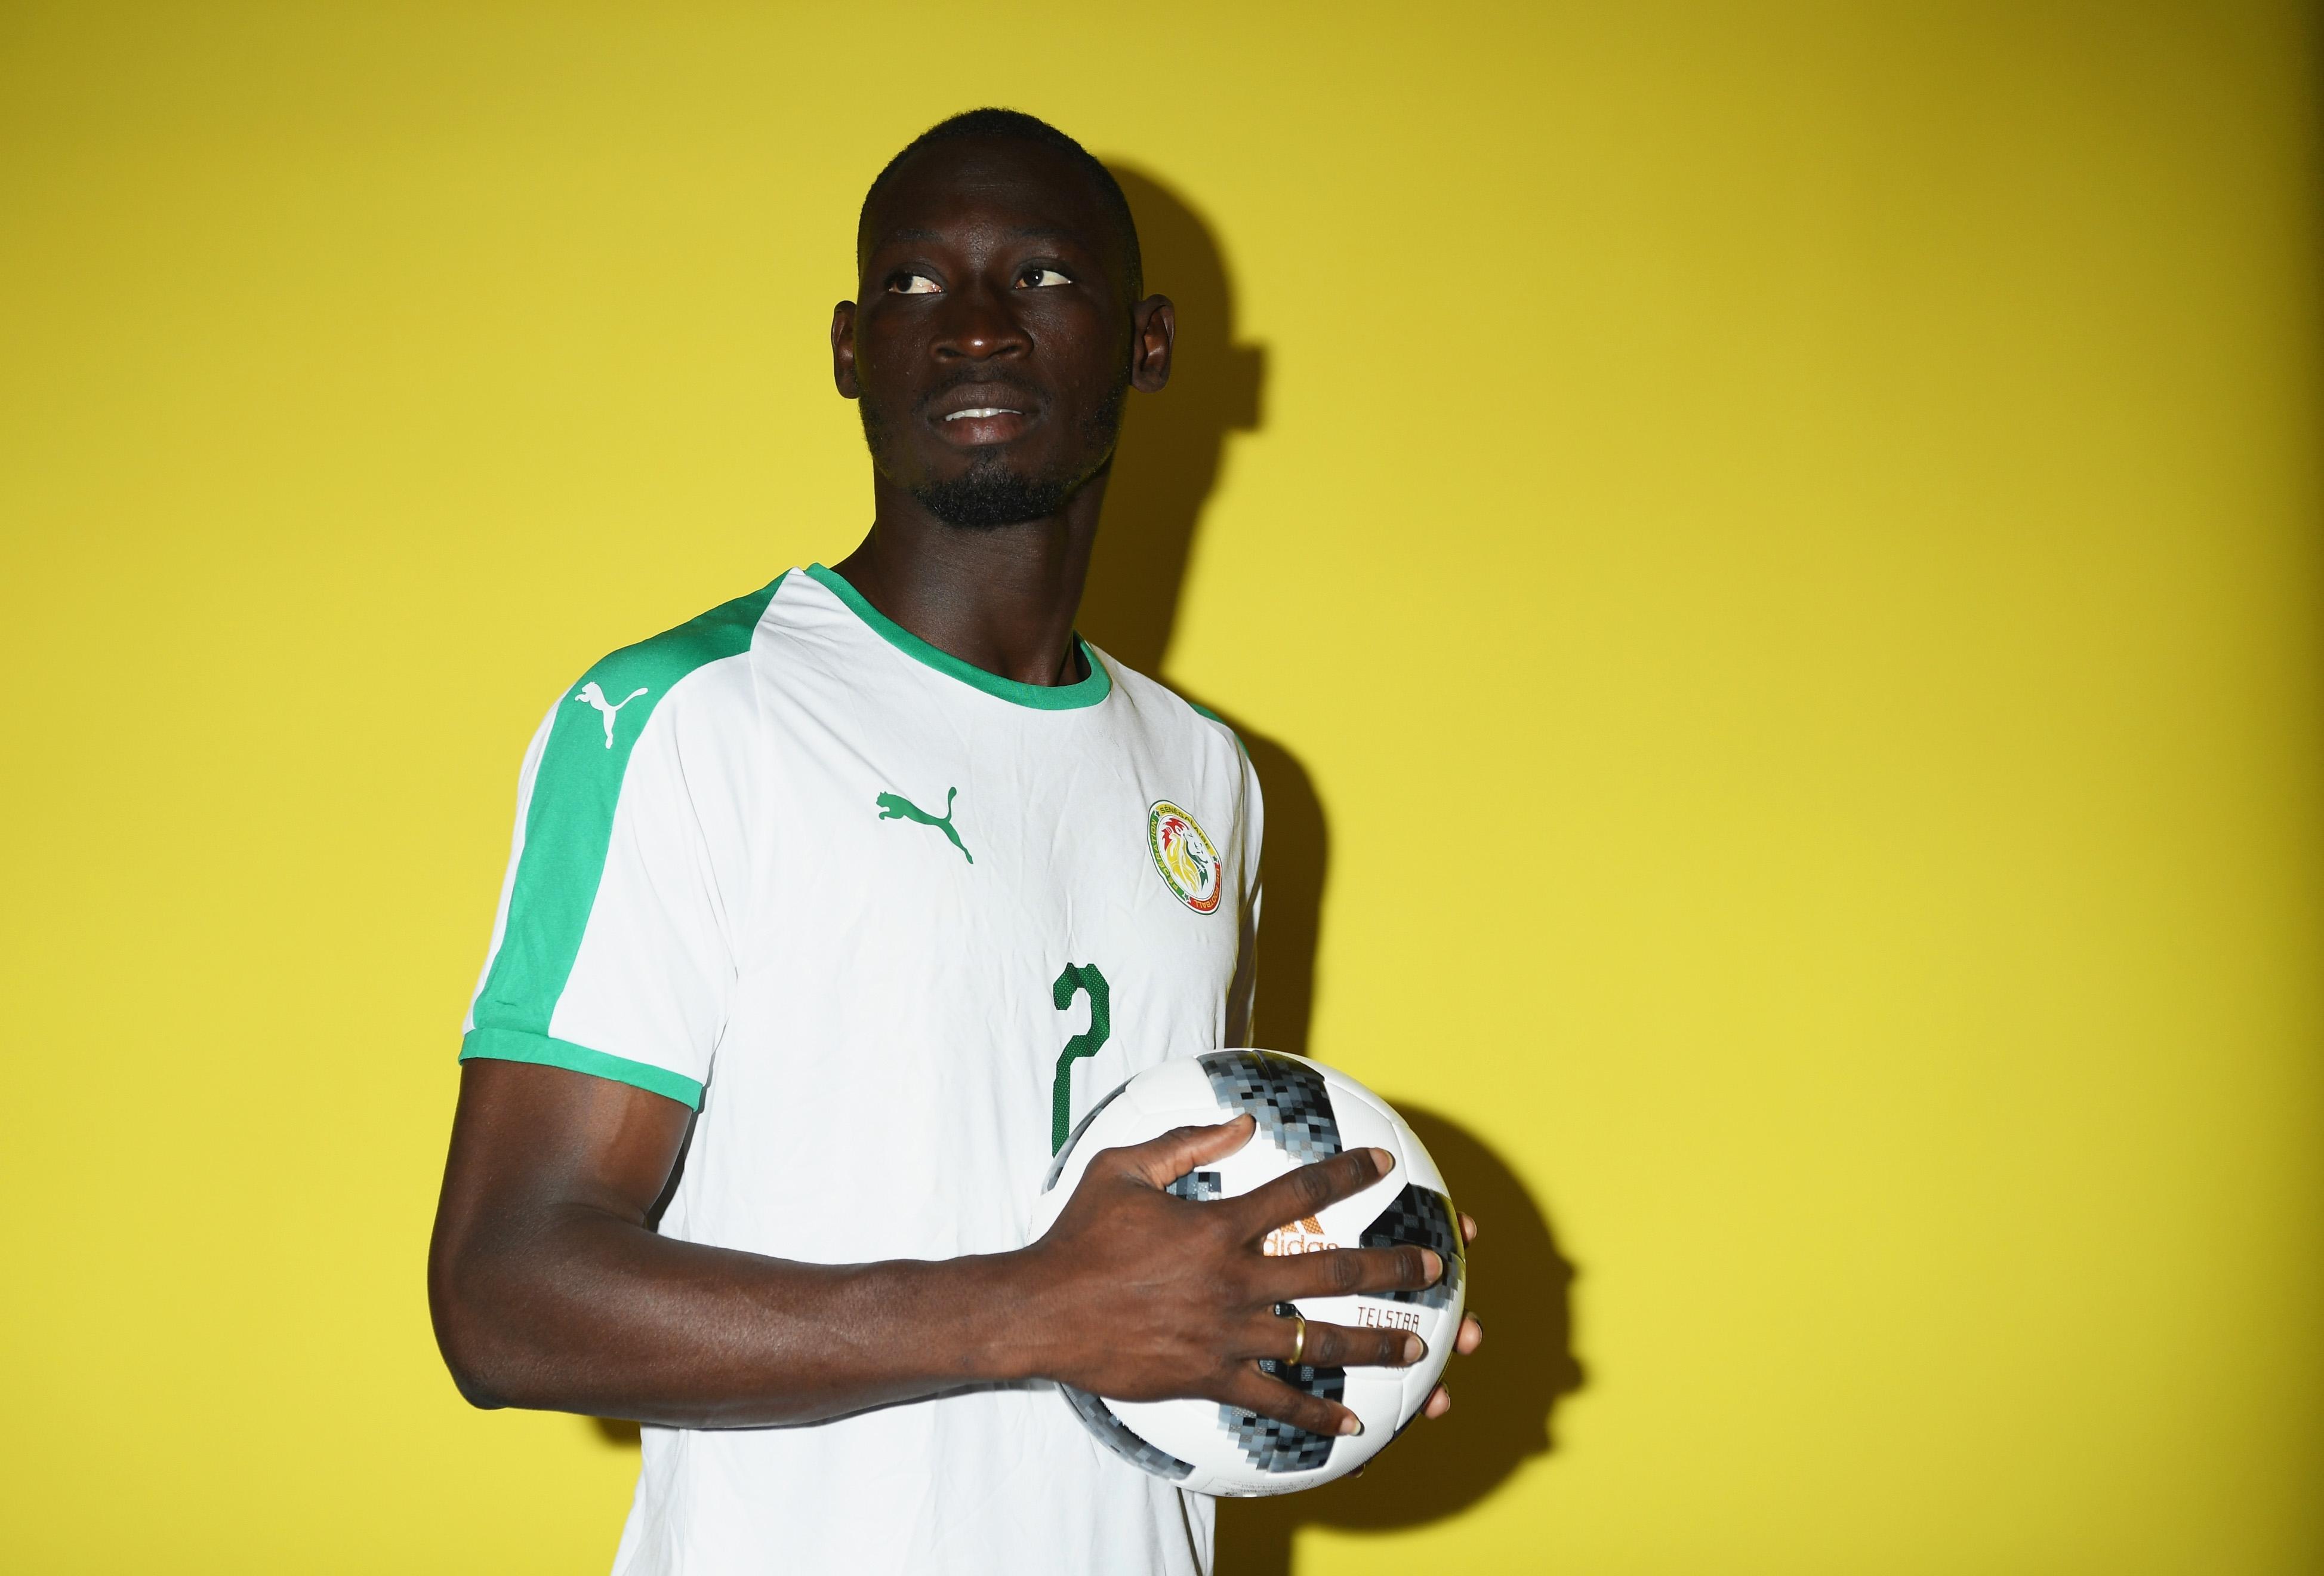 Левият защитник Салиу Сис отпадна от състава на Сенегал за